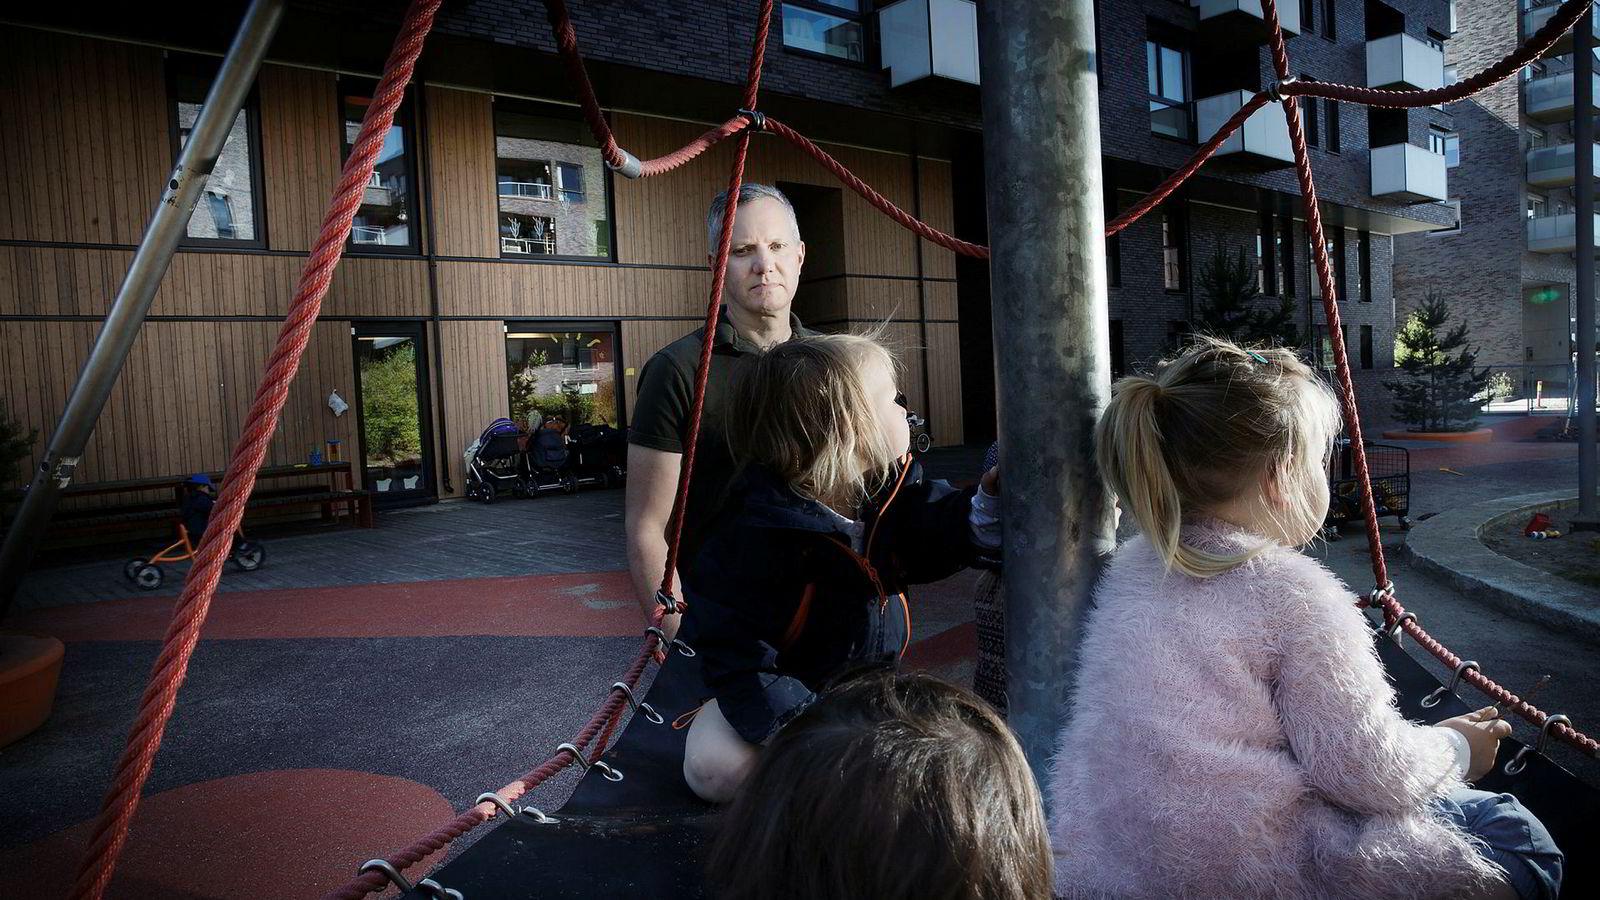 Barnehagekjempen Læringsverkstedet økte i årets ni første måneder inntektene kraftig. Gründer og toppsjef Hans Jacob Sundby må nå sørge for at barnehagene tilpasser seg den nye bemanningsnormen.